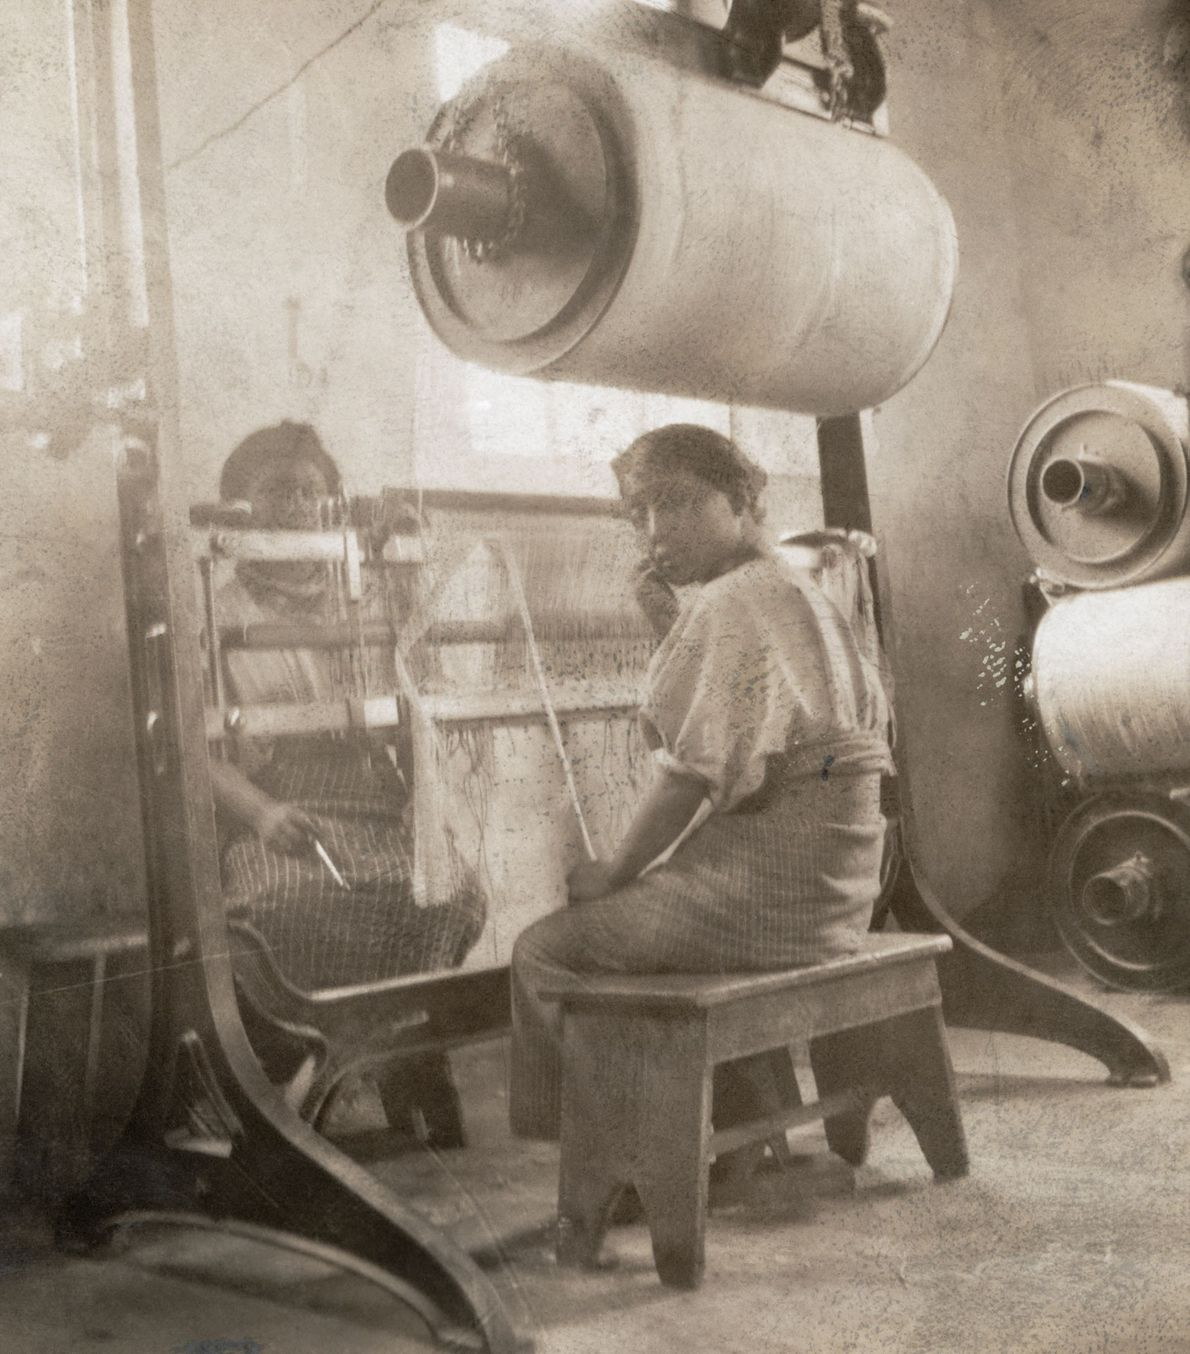 Mujeres guatemaltecas-indias trabajan en un telar en una fábrica de algodón en Cantel, Guatemala en 1910.